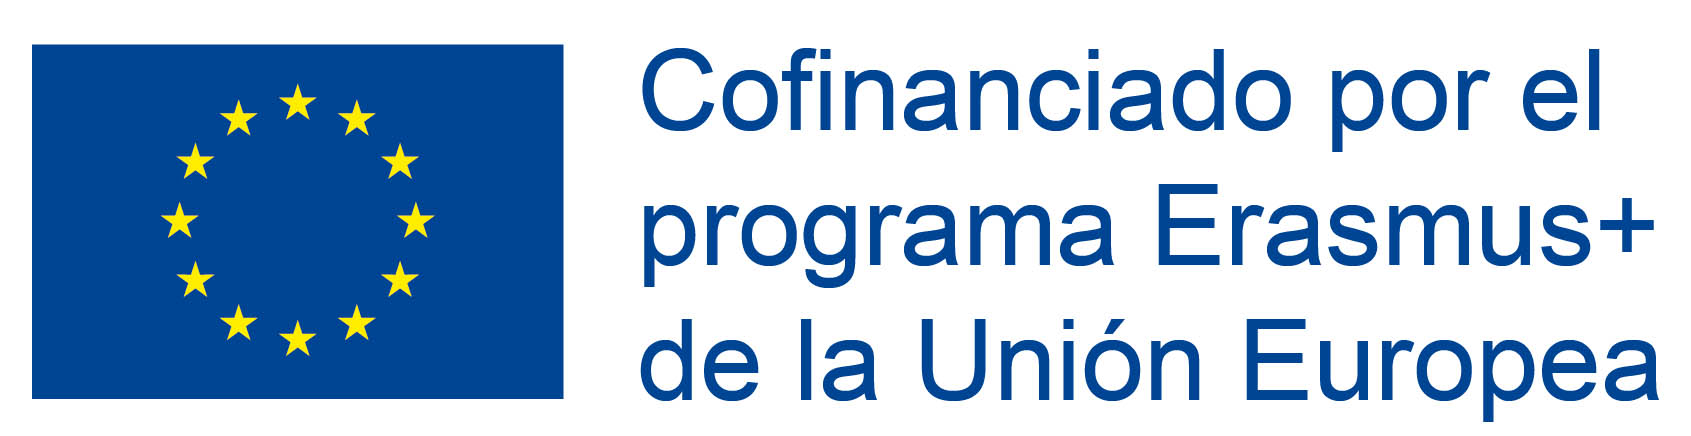 Financiado Erasmus+